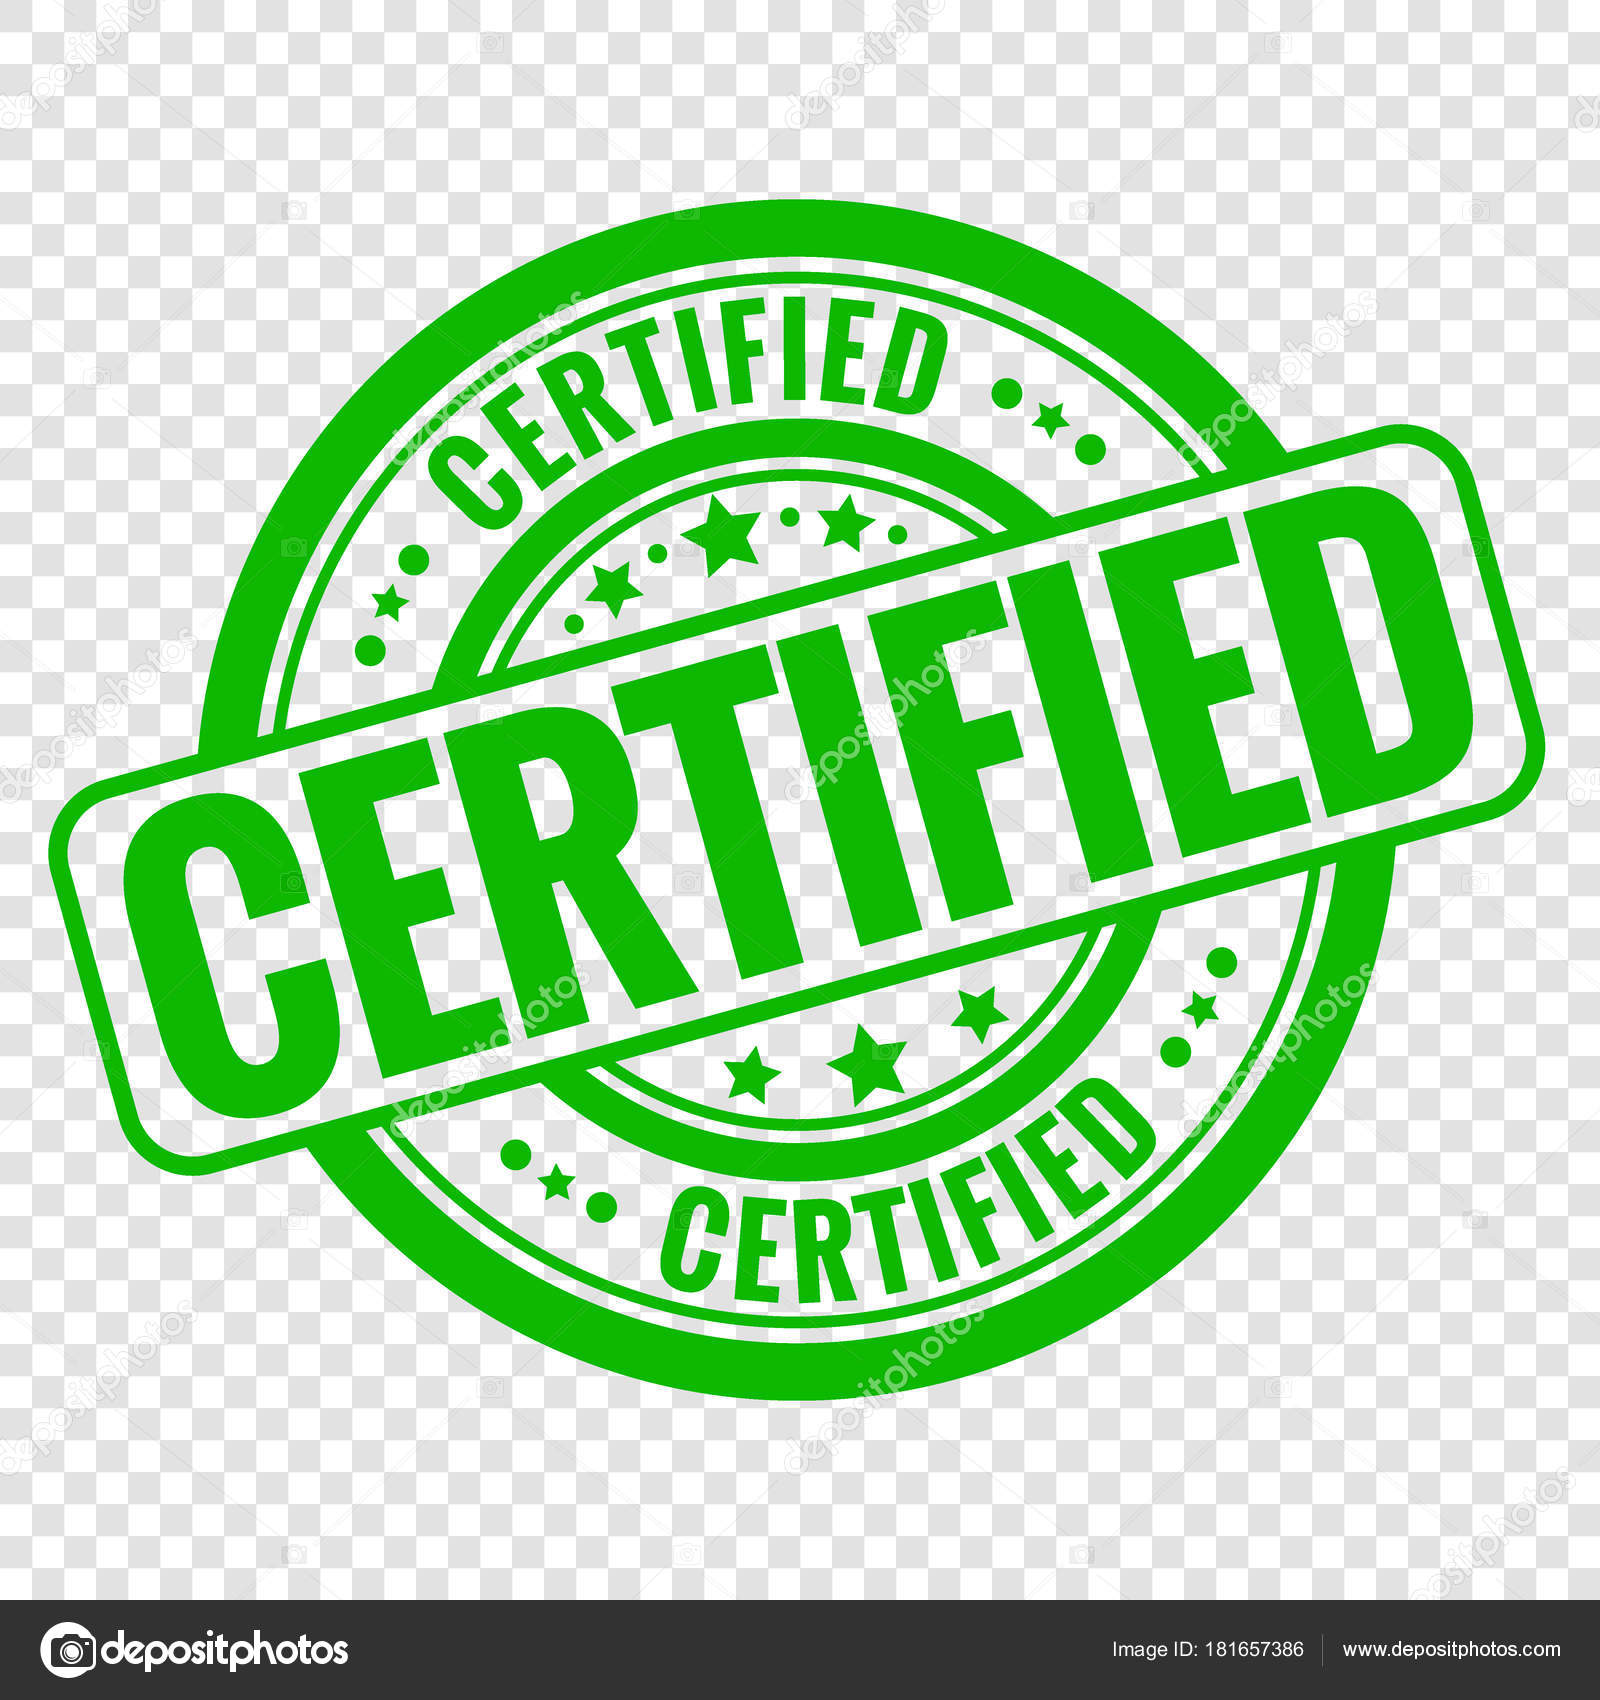 www certified background com